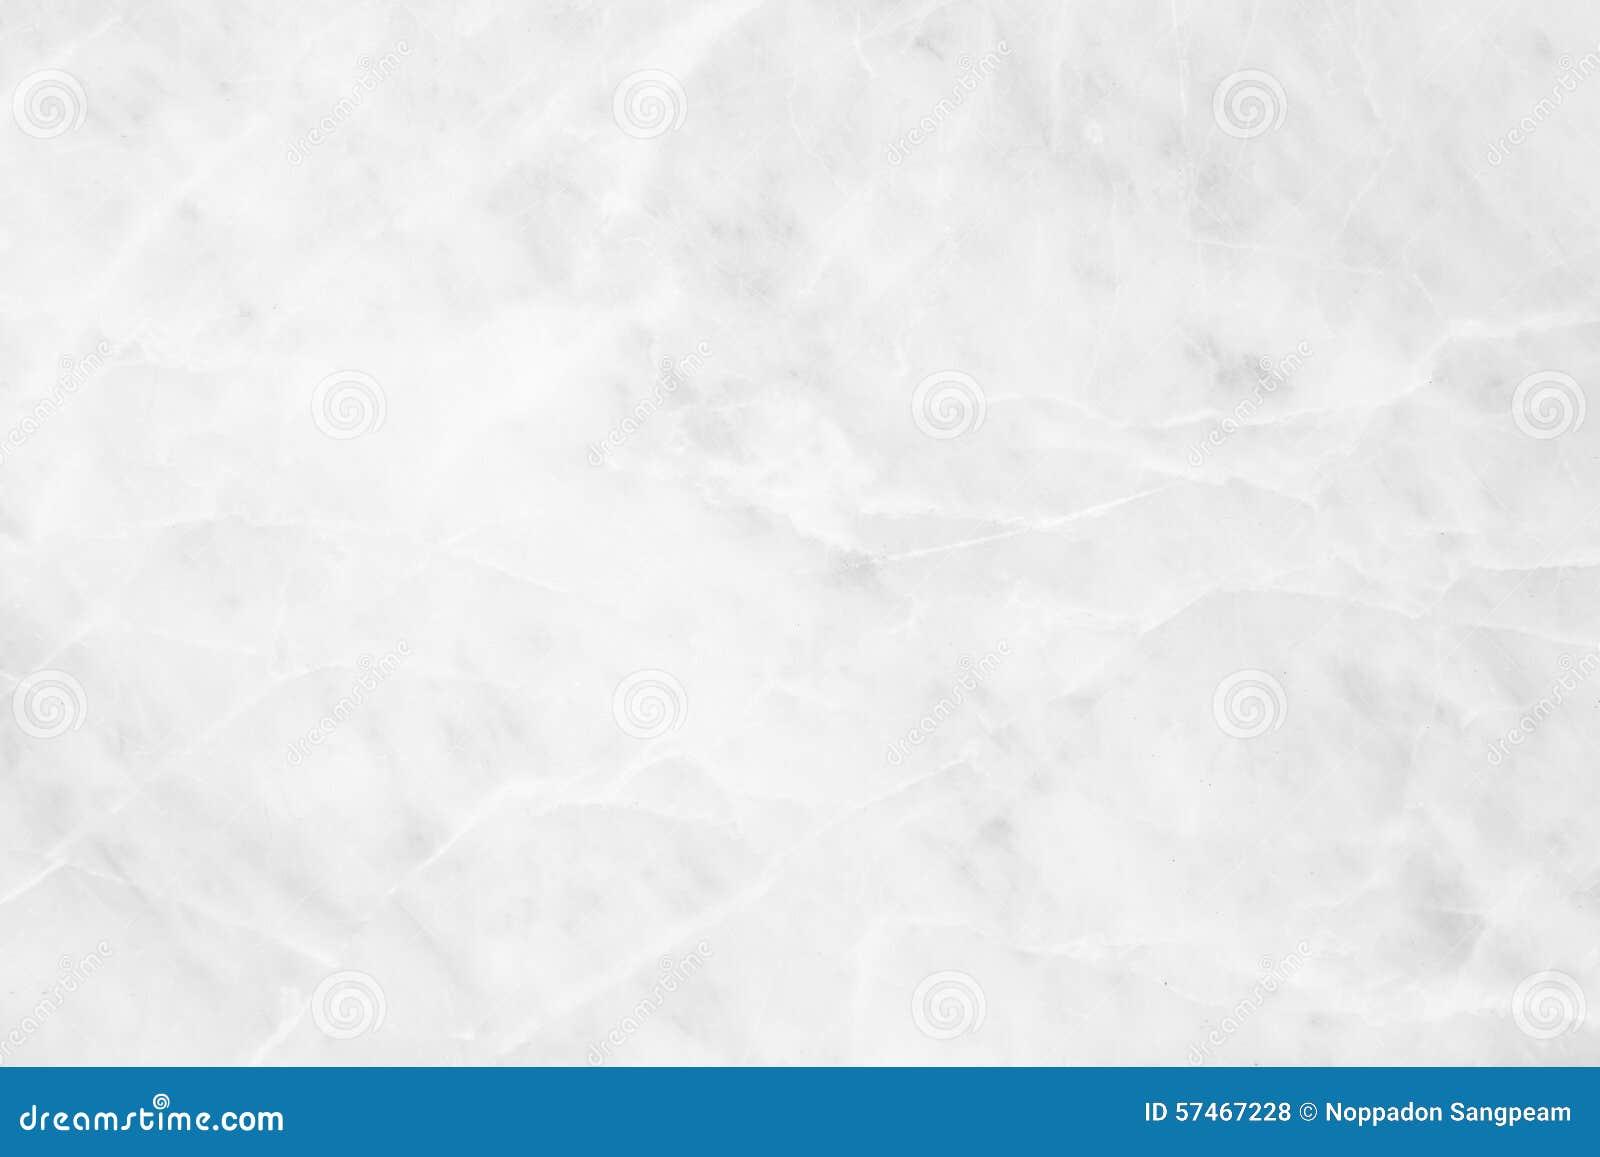 Witte (grijze) marmeren textuur, gedetailleerde die structuur van marmer in natuurlijk voor achtergrond wordt gevormd en ontwerp